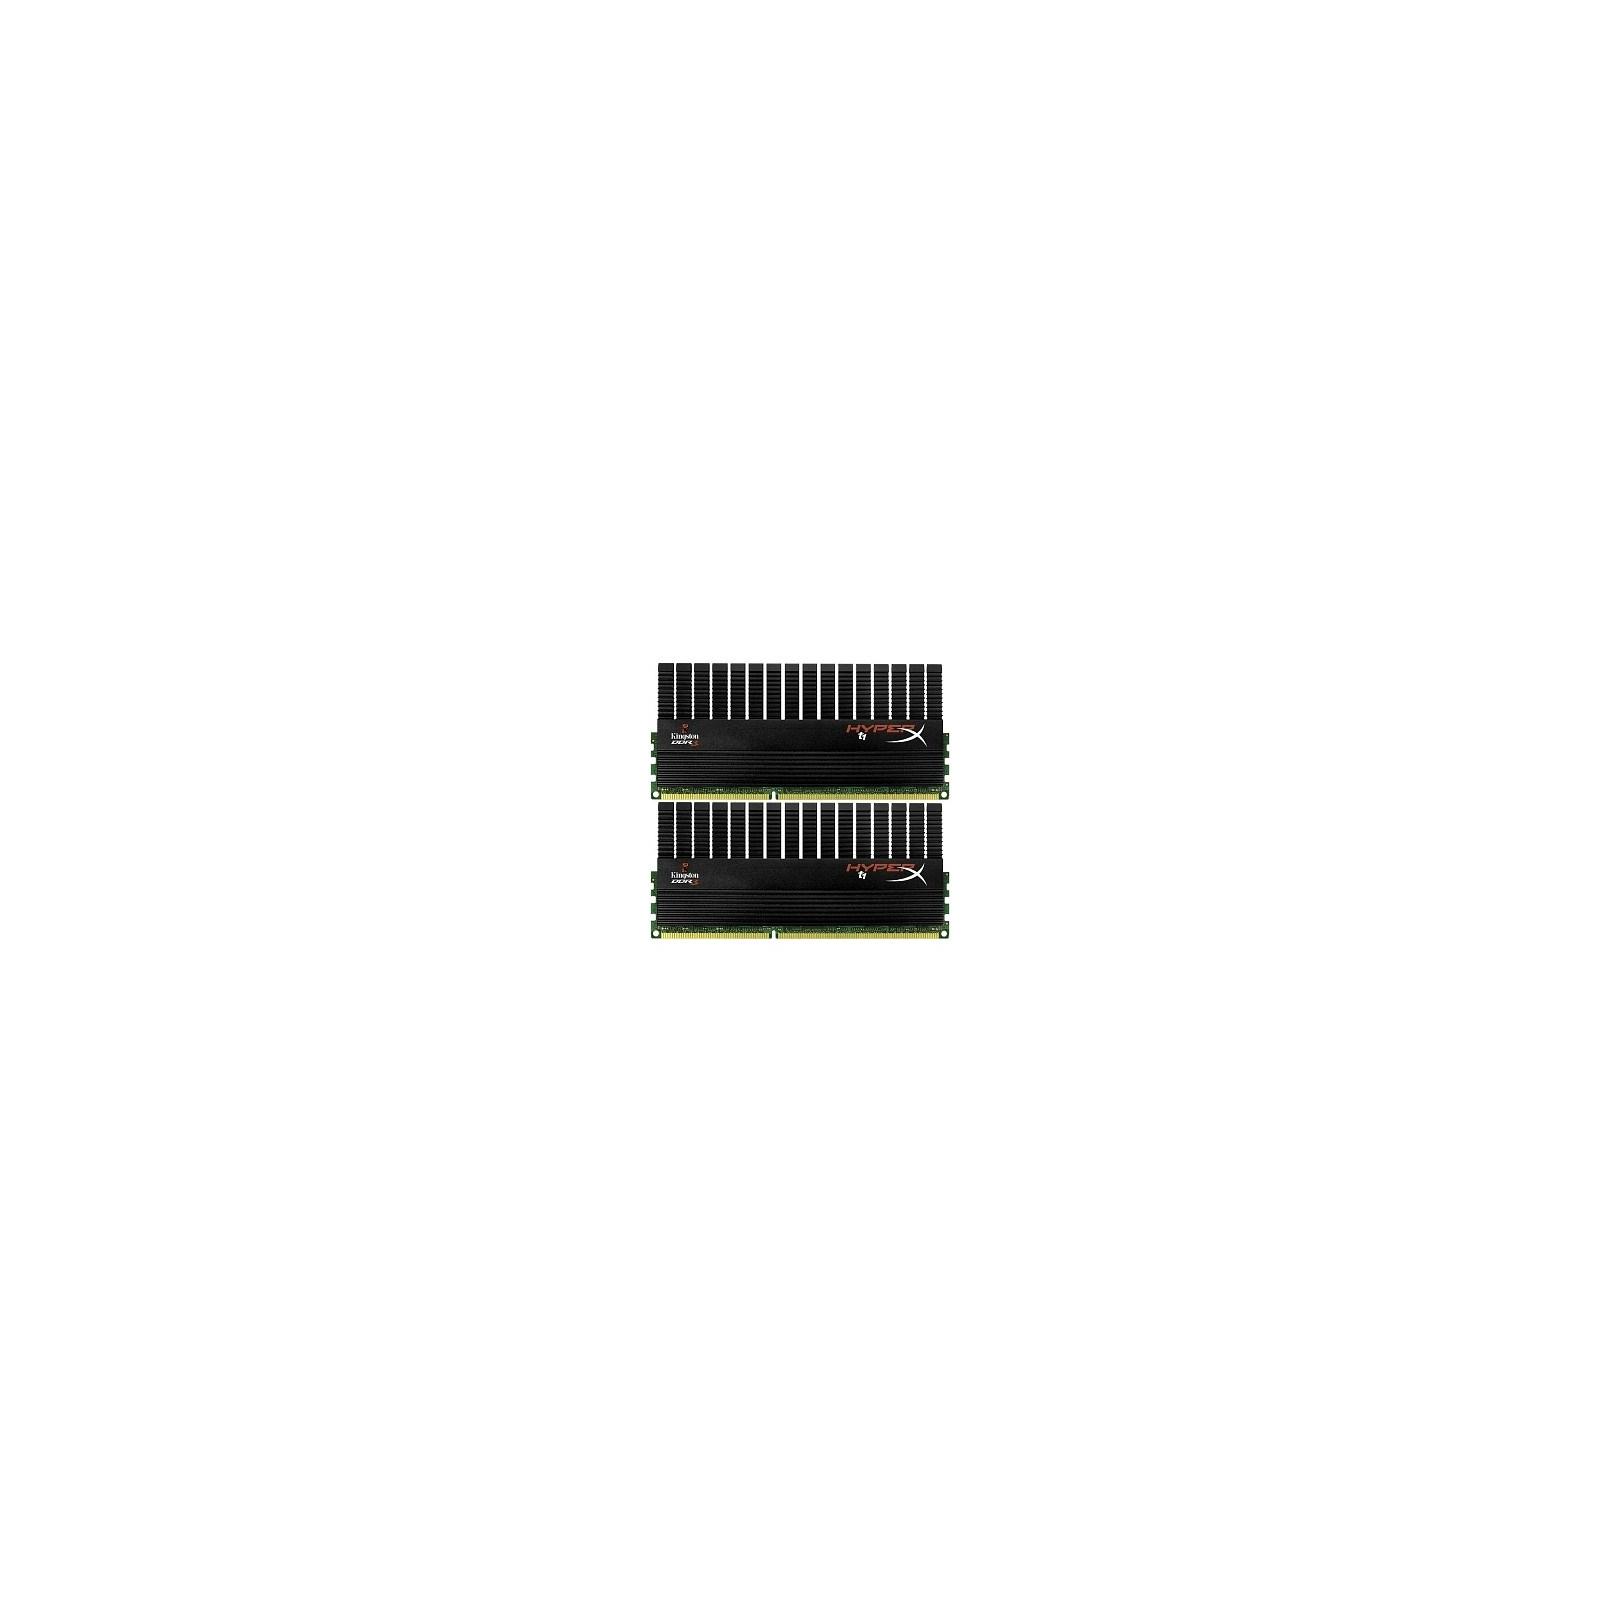 Модуль памяти для компьютера DDR3 8GB (2x4GB) 1866 MHz Kingston (KHX1866C9D3T1BK2/8GX)